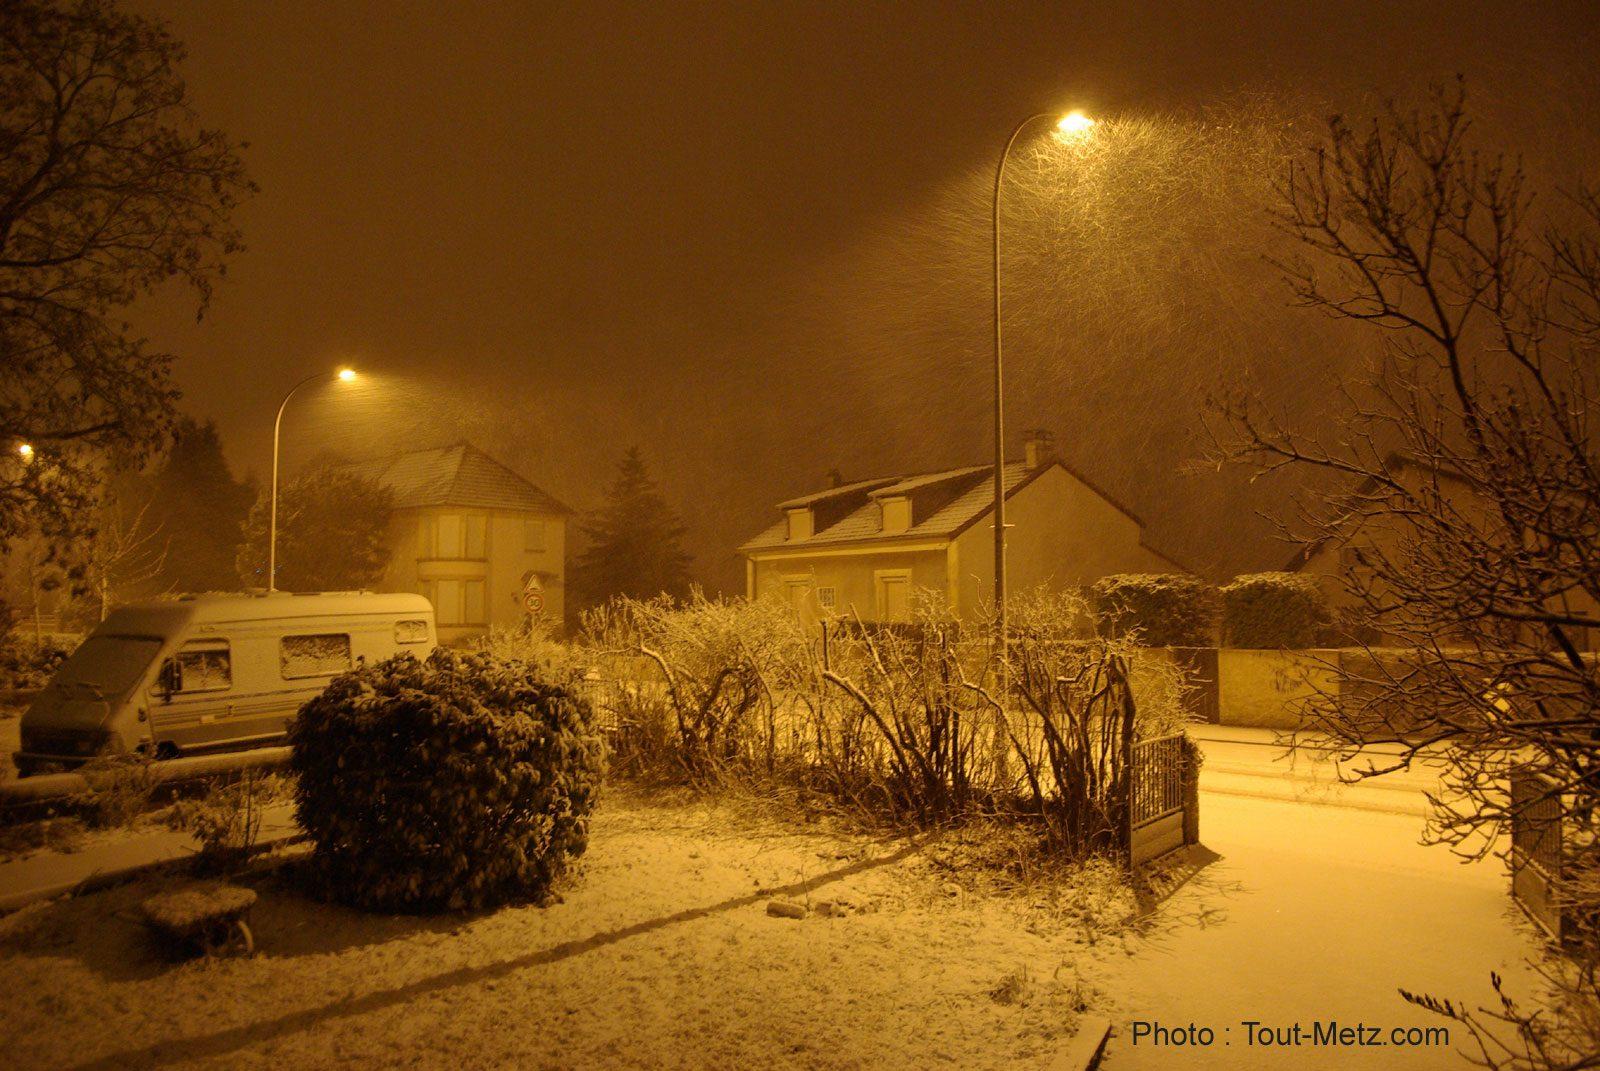 Chutes de Neige en Lorraine samedi 27 décembre 2014 : le point sur la situation